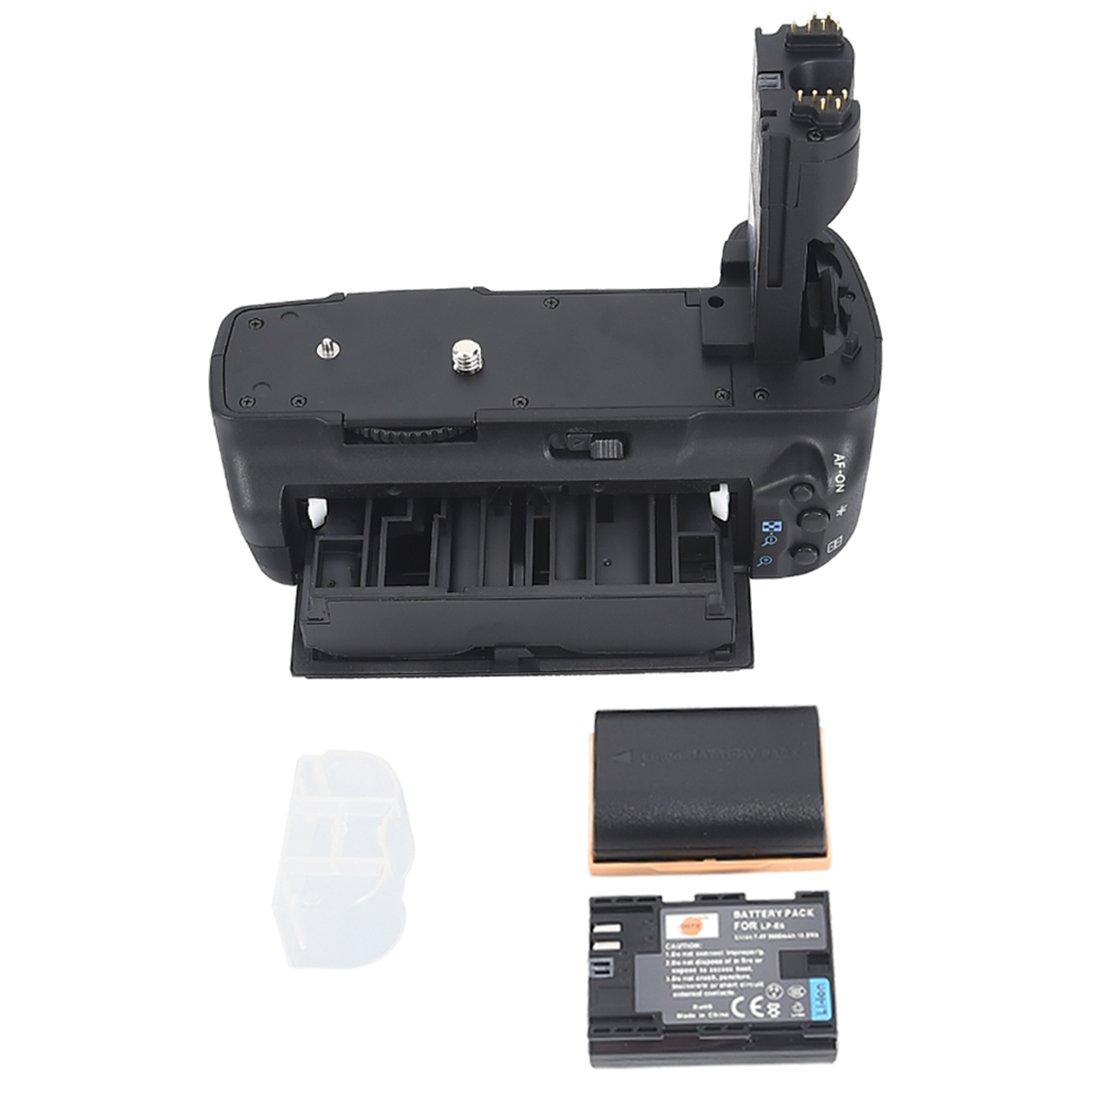 DSTE® Pro BG-E6 Vertical Battery Grip + 2x LP-E6 LP-E6N for Canon EOS 5D Mark II 5D2 SLR Digital Camera